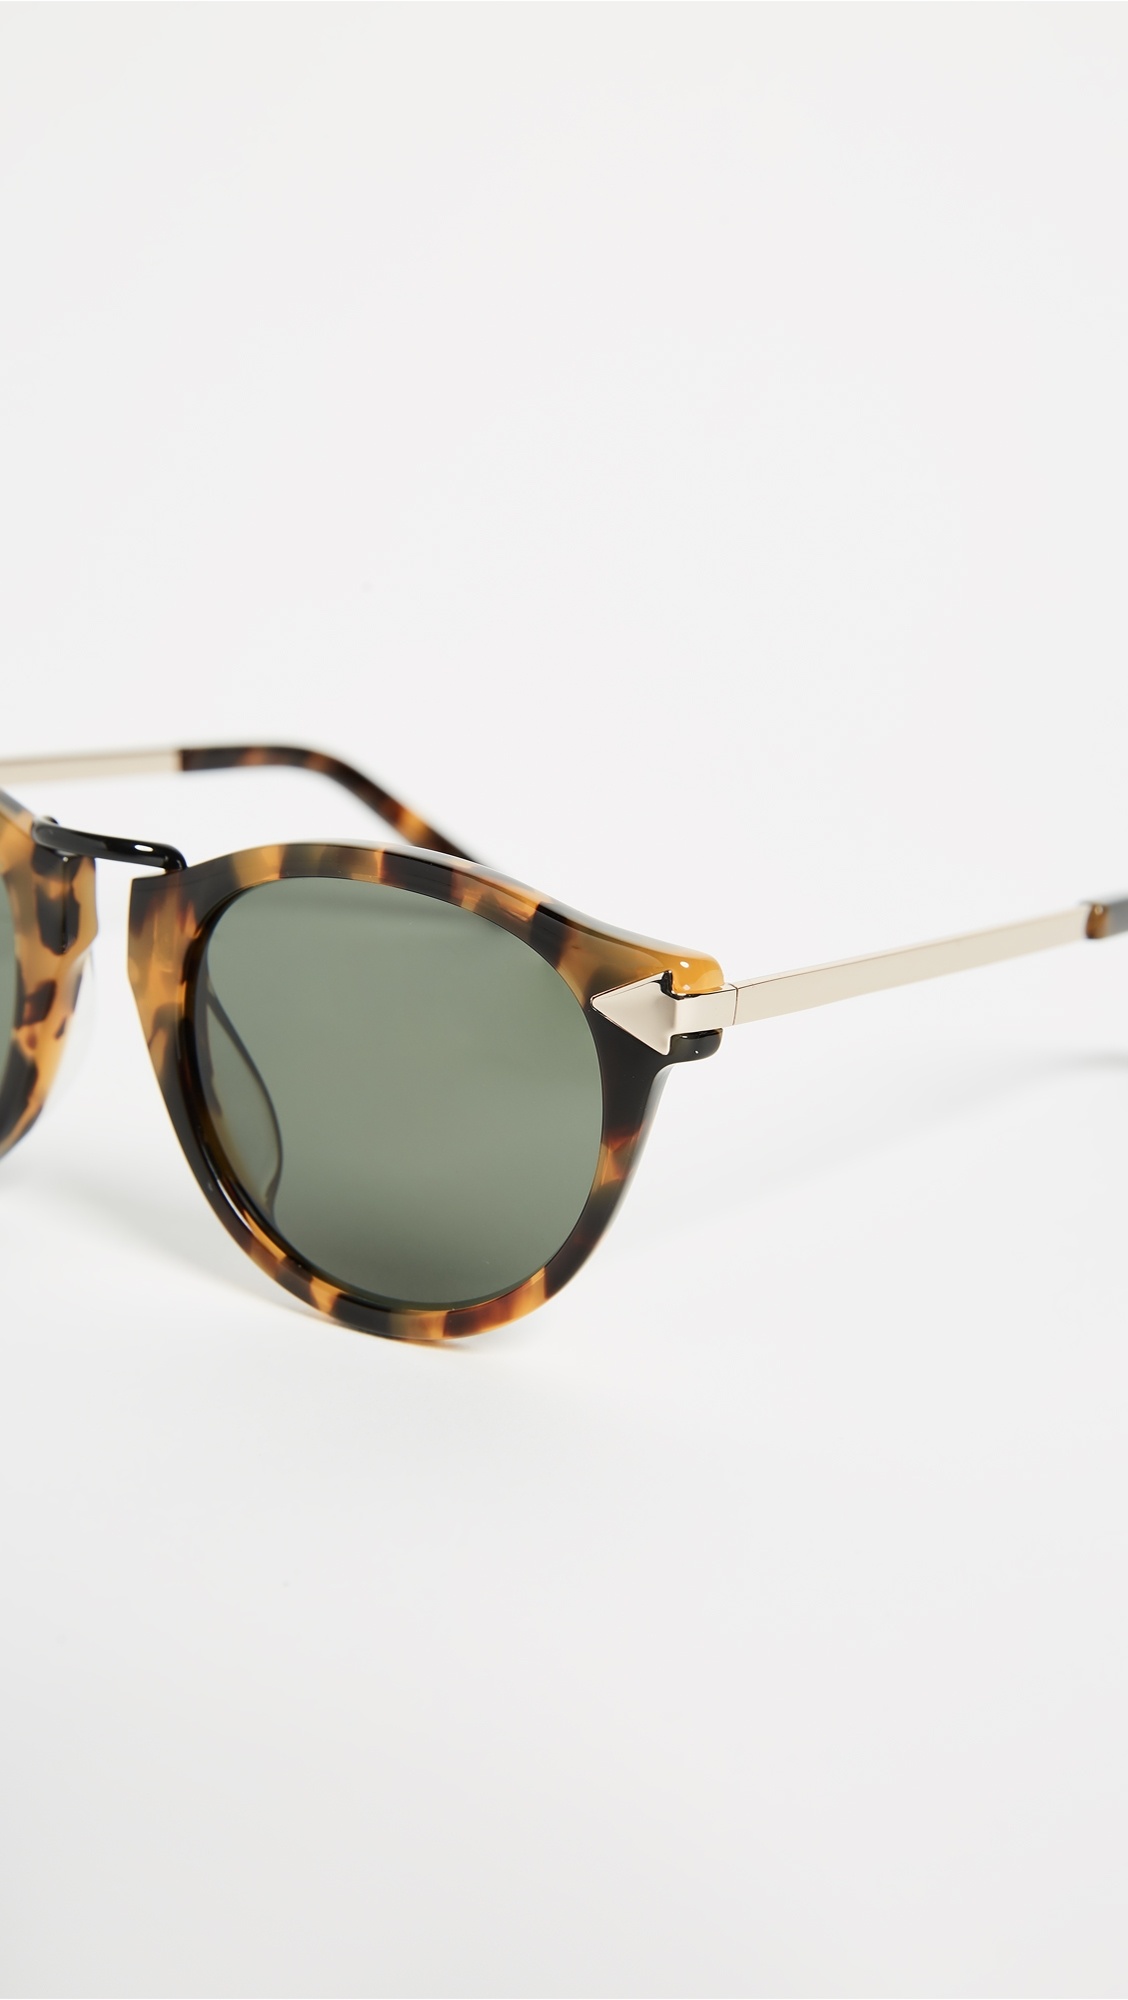 Солнцезащитные очки Special Fit Helter Skelter Karen Walker  (KWALK4010066156314)